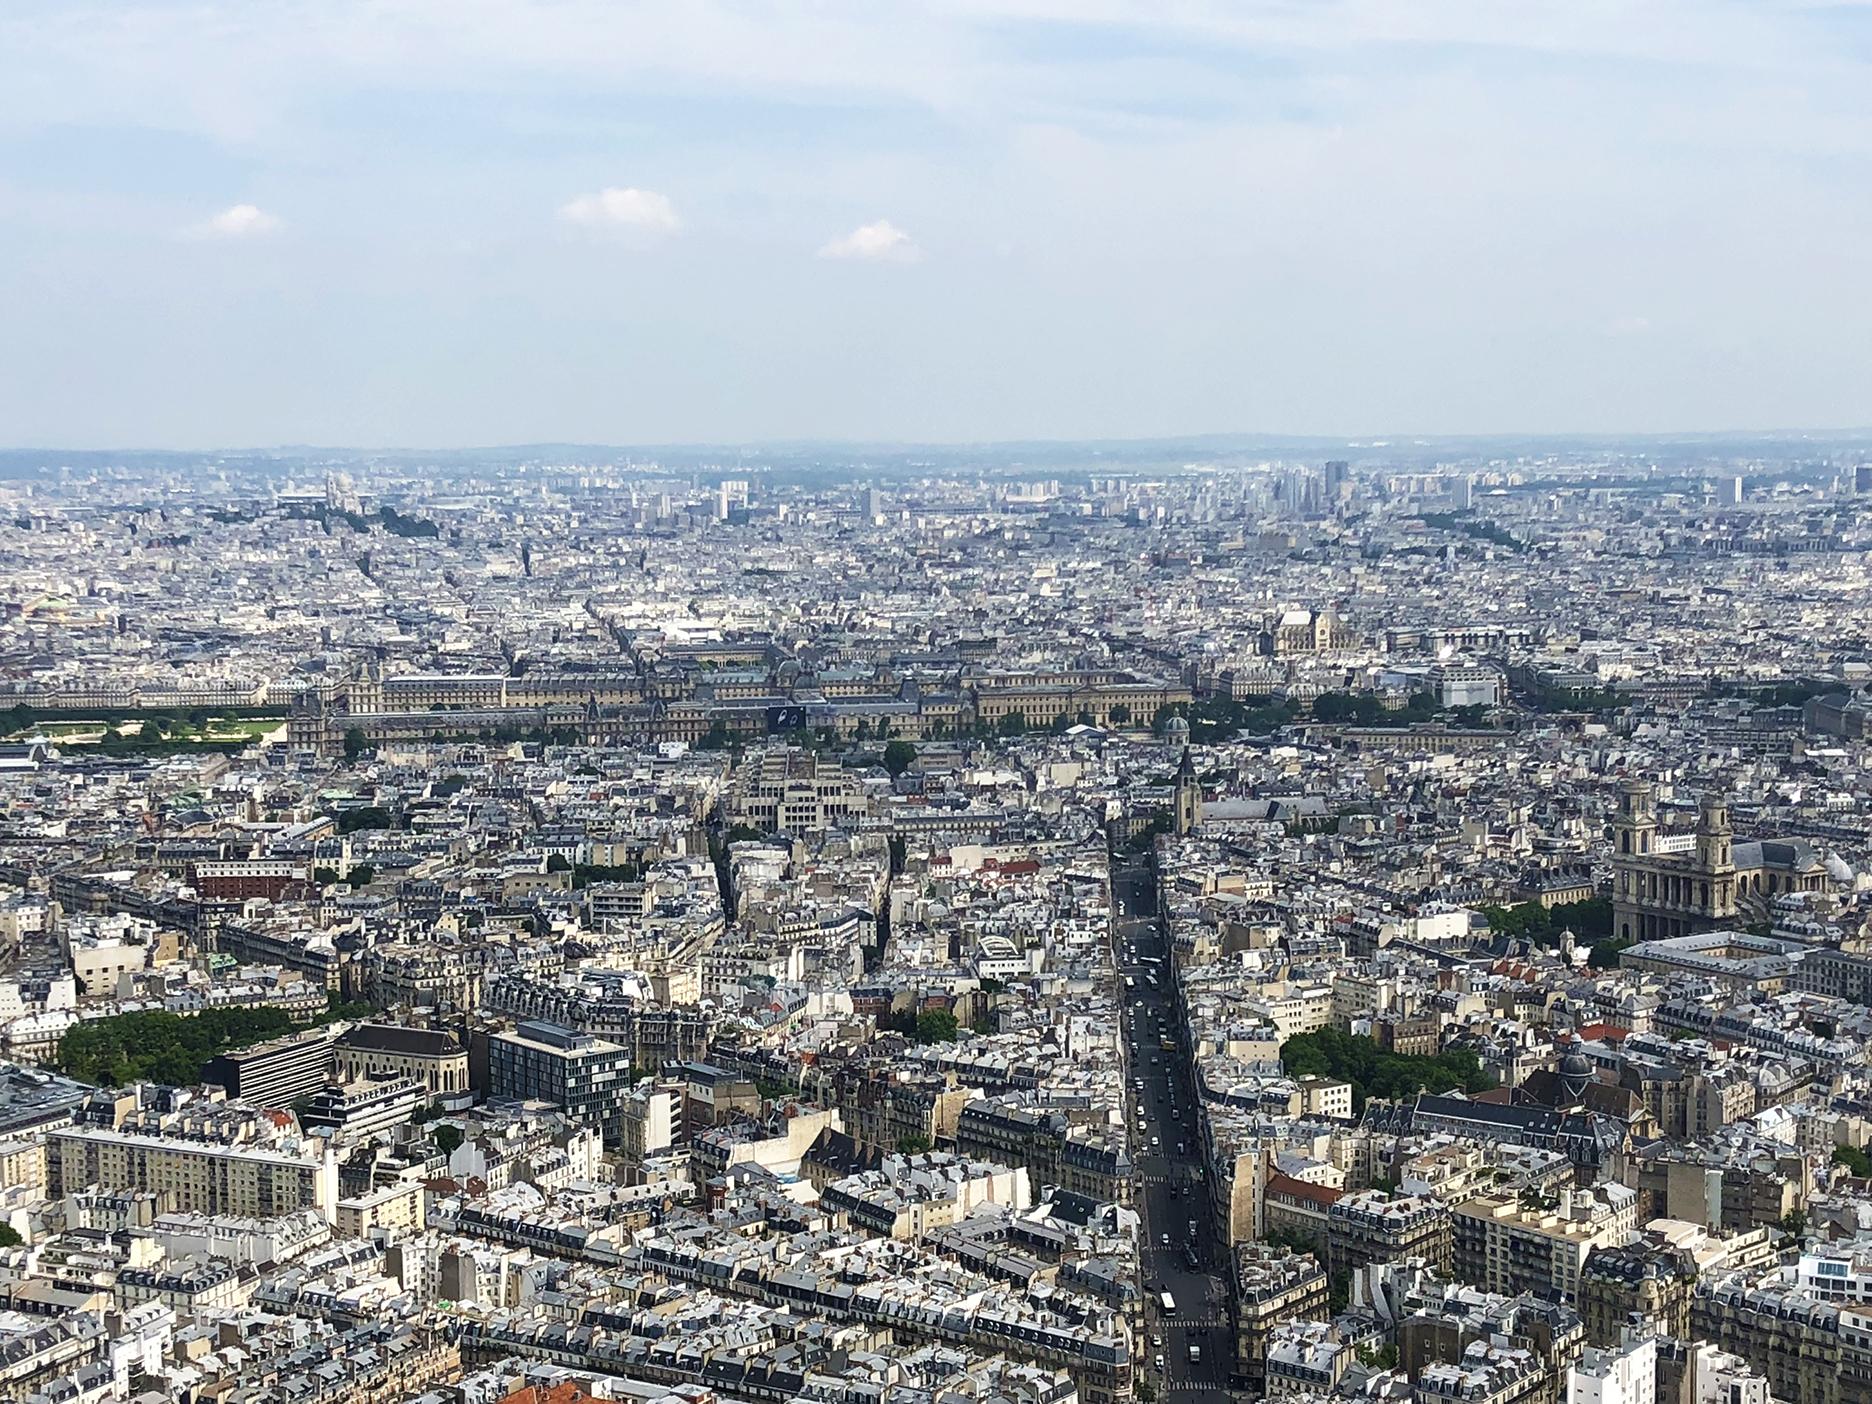 Jardin des Tuileries, Montmartre, Le Louvre, L'Institut, St Germain des Prés, St Eustache, St Sulpice.